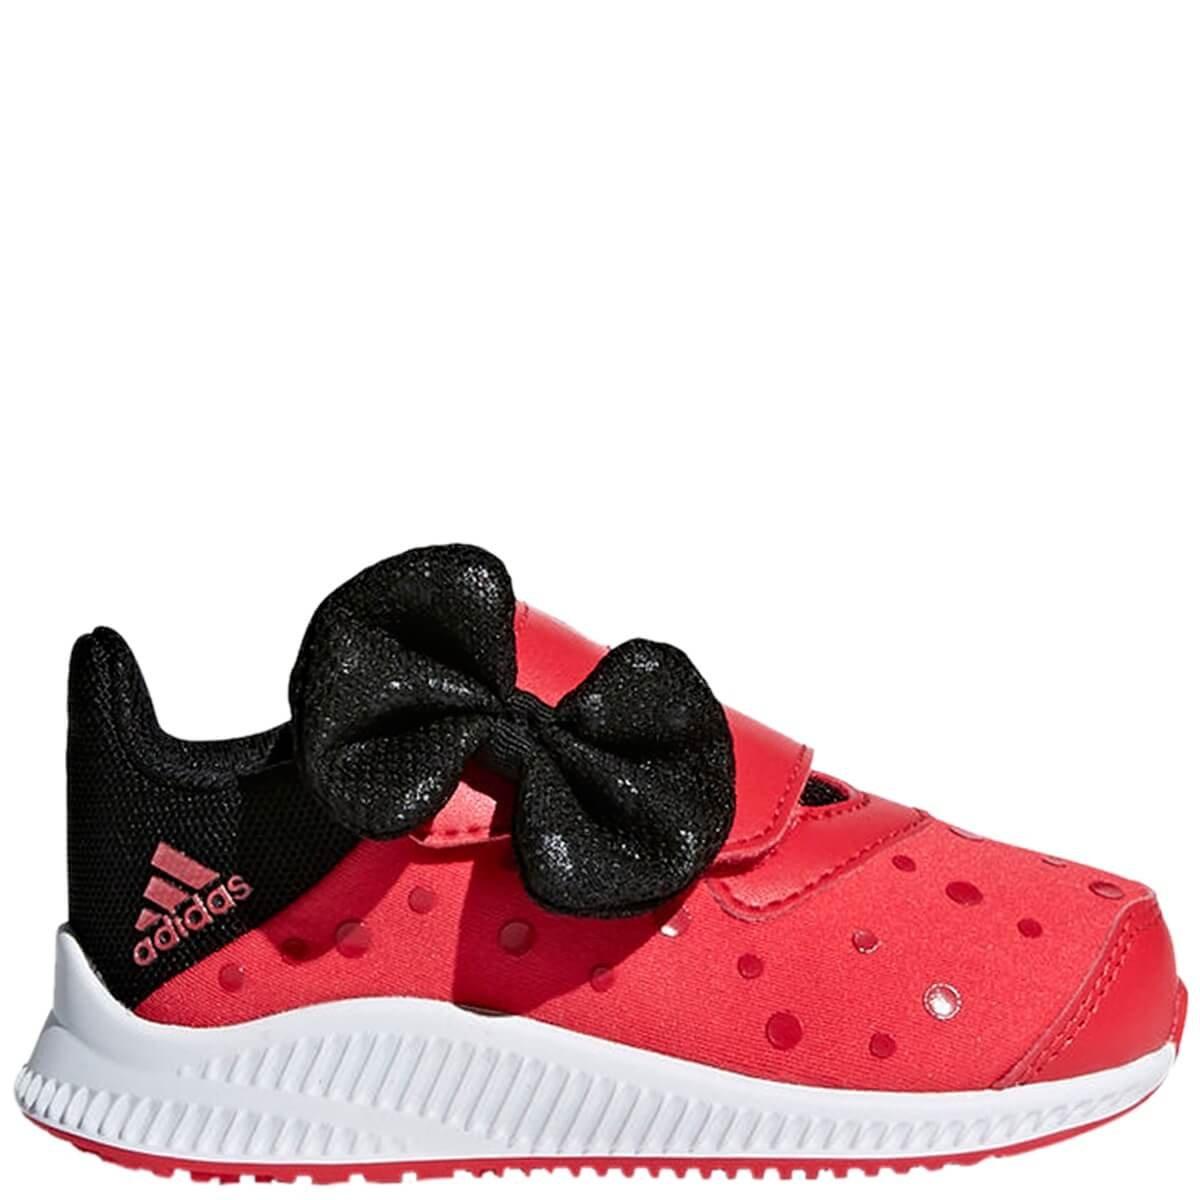 c3416ca347 Bizz Store - Tênis Infantil Adidas Disney Minnie Fortarun